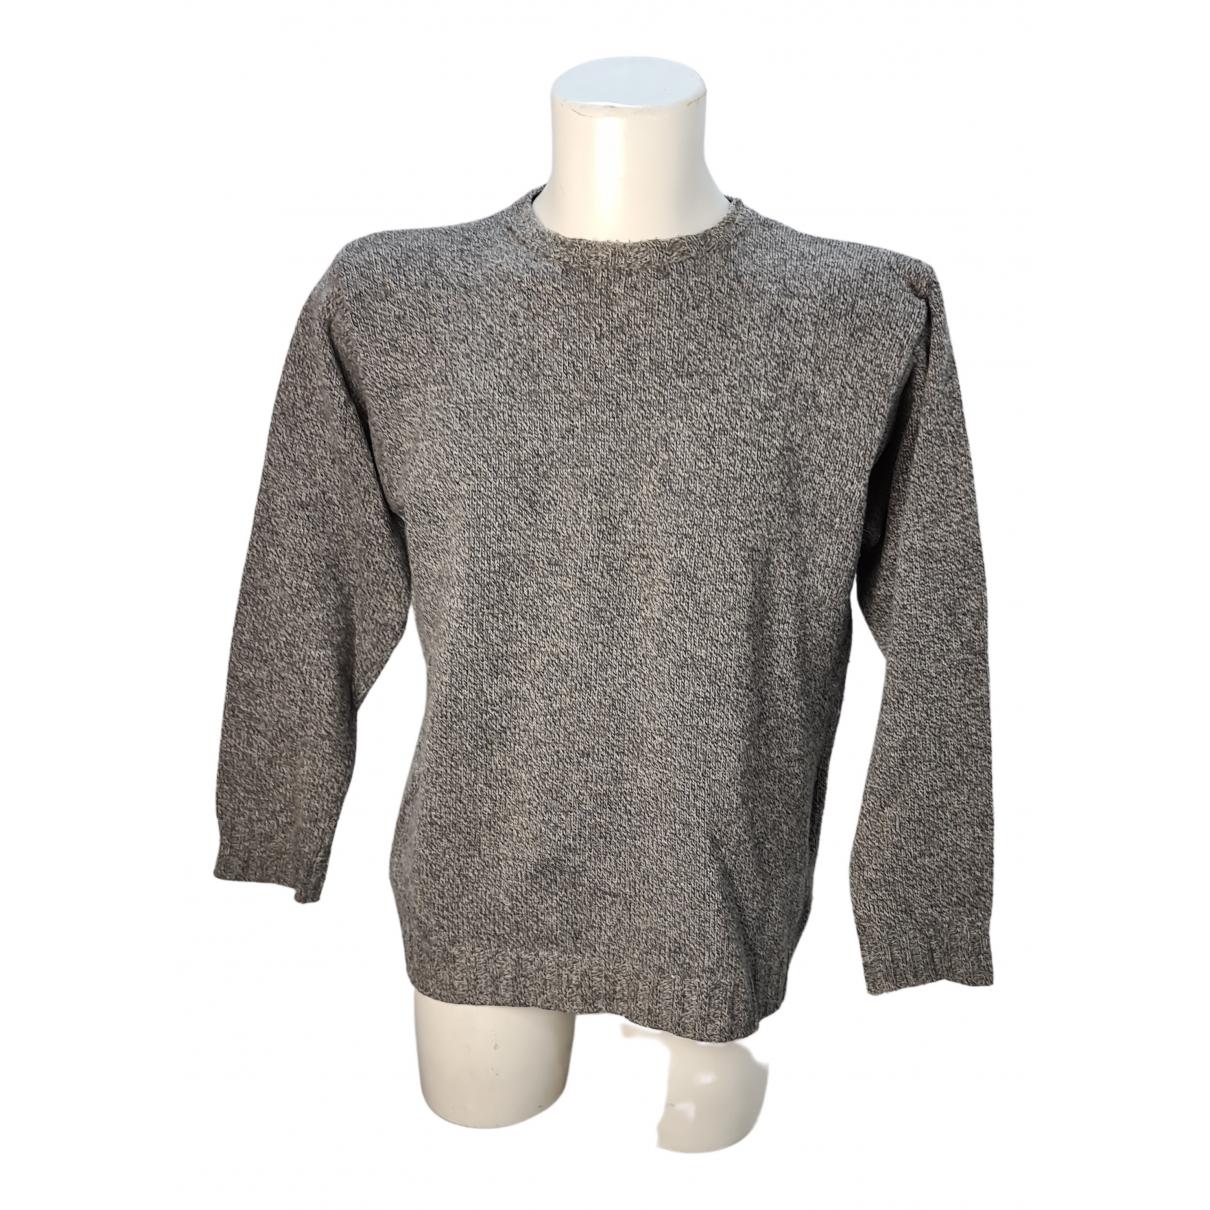 Giorgio Armani N Grey Wool Knitwear & Sweatshirts for Men M International